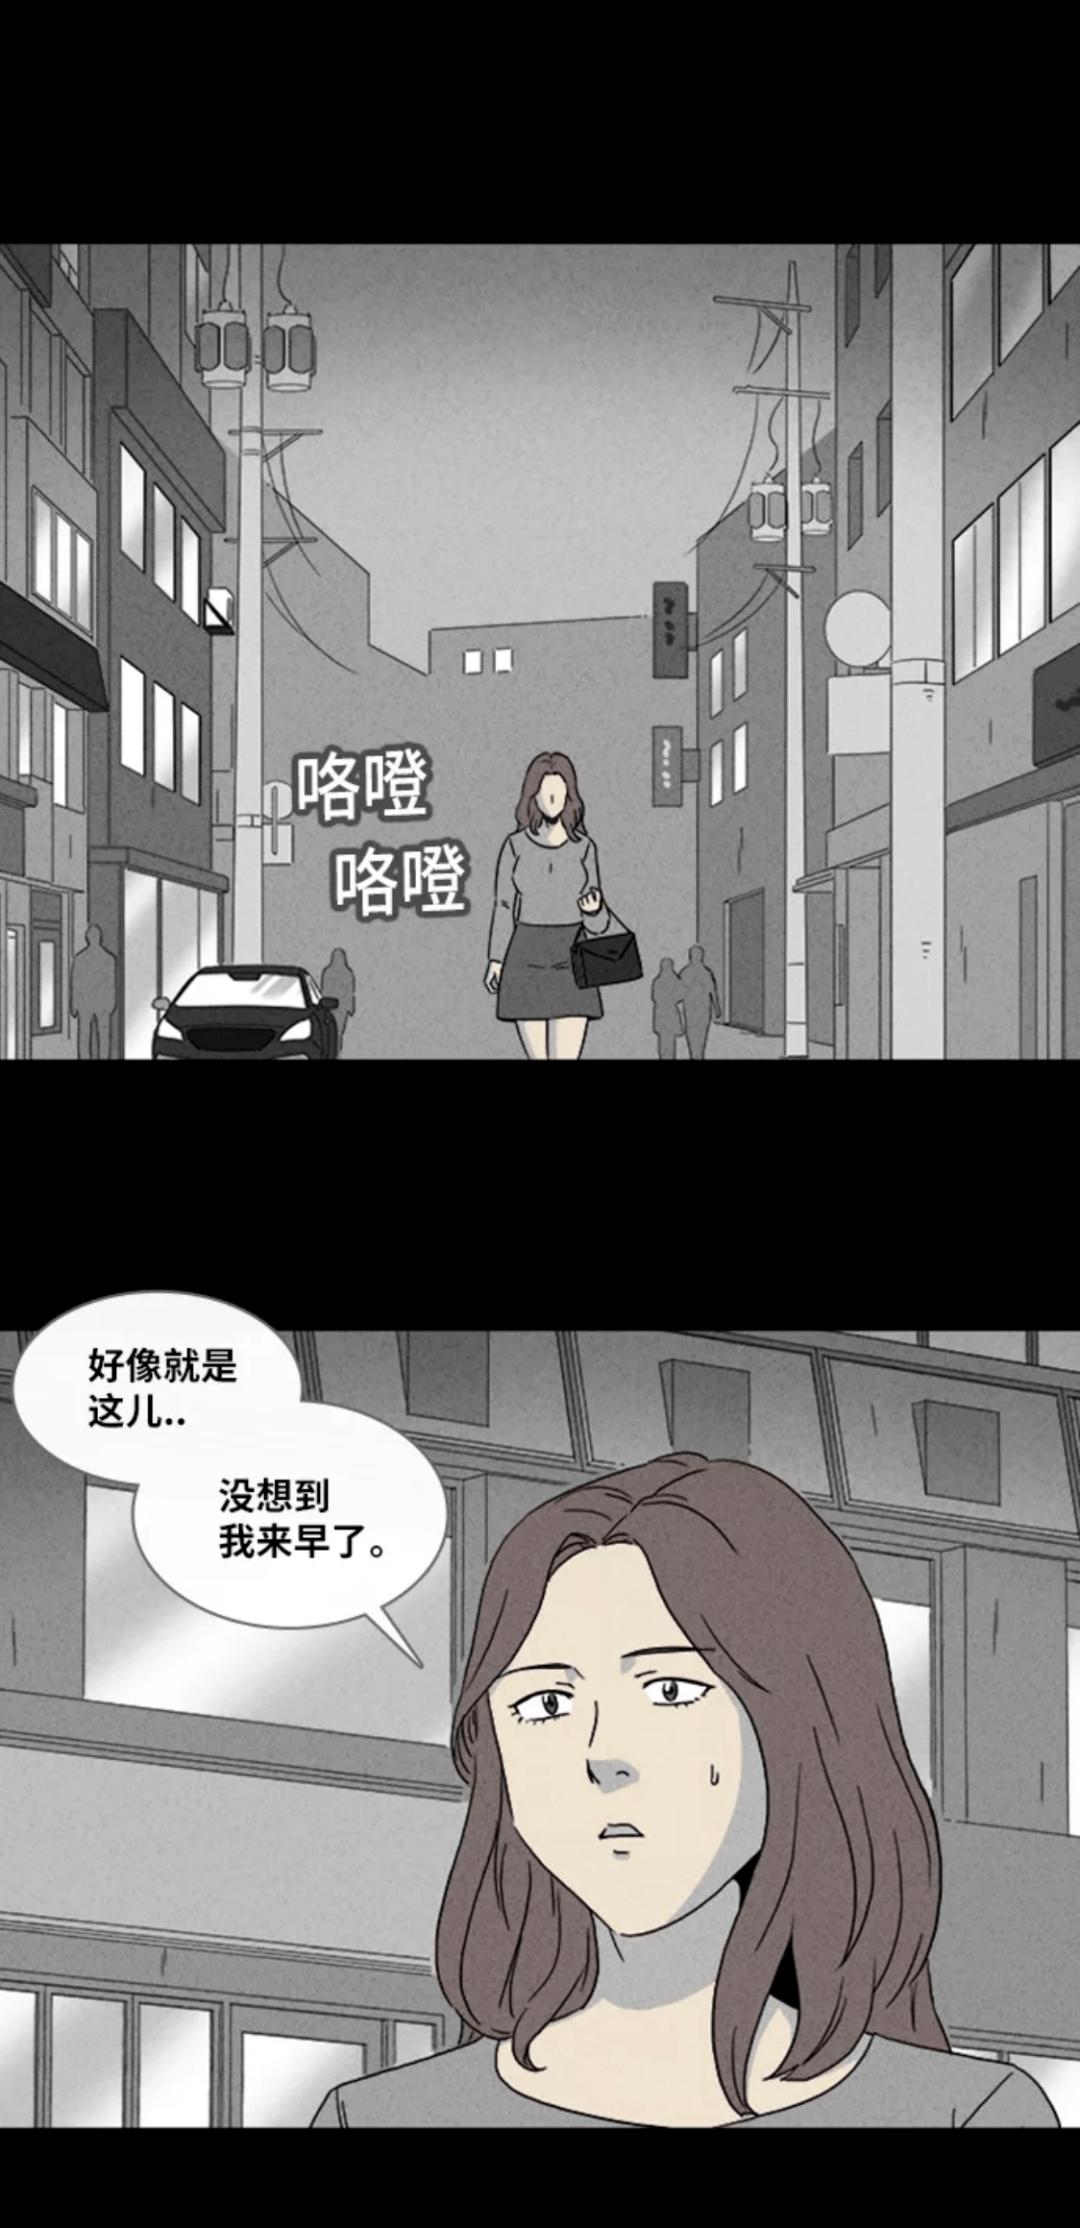 【短篇漫画】被下药的女人_种子